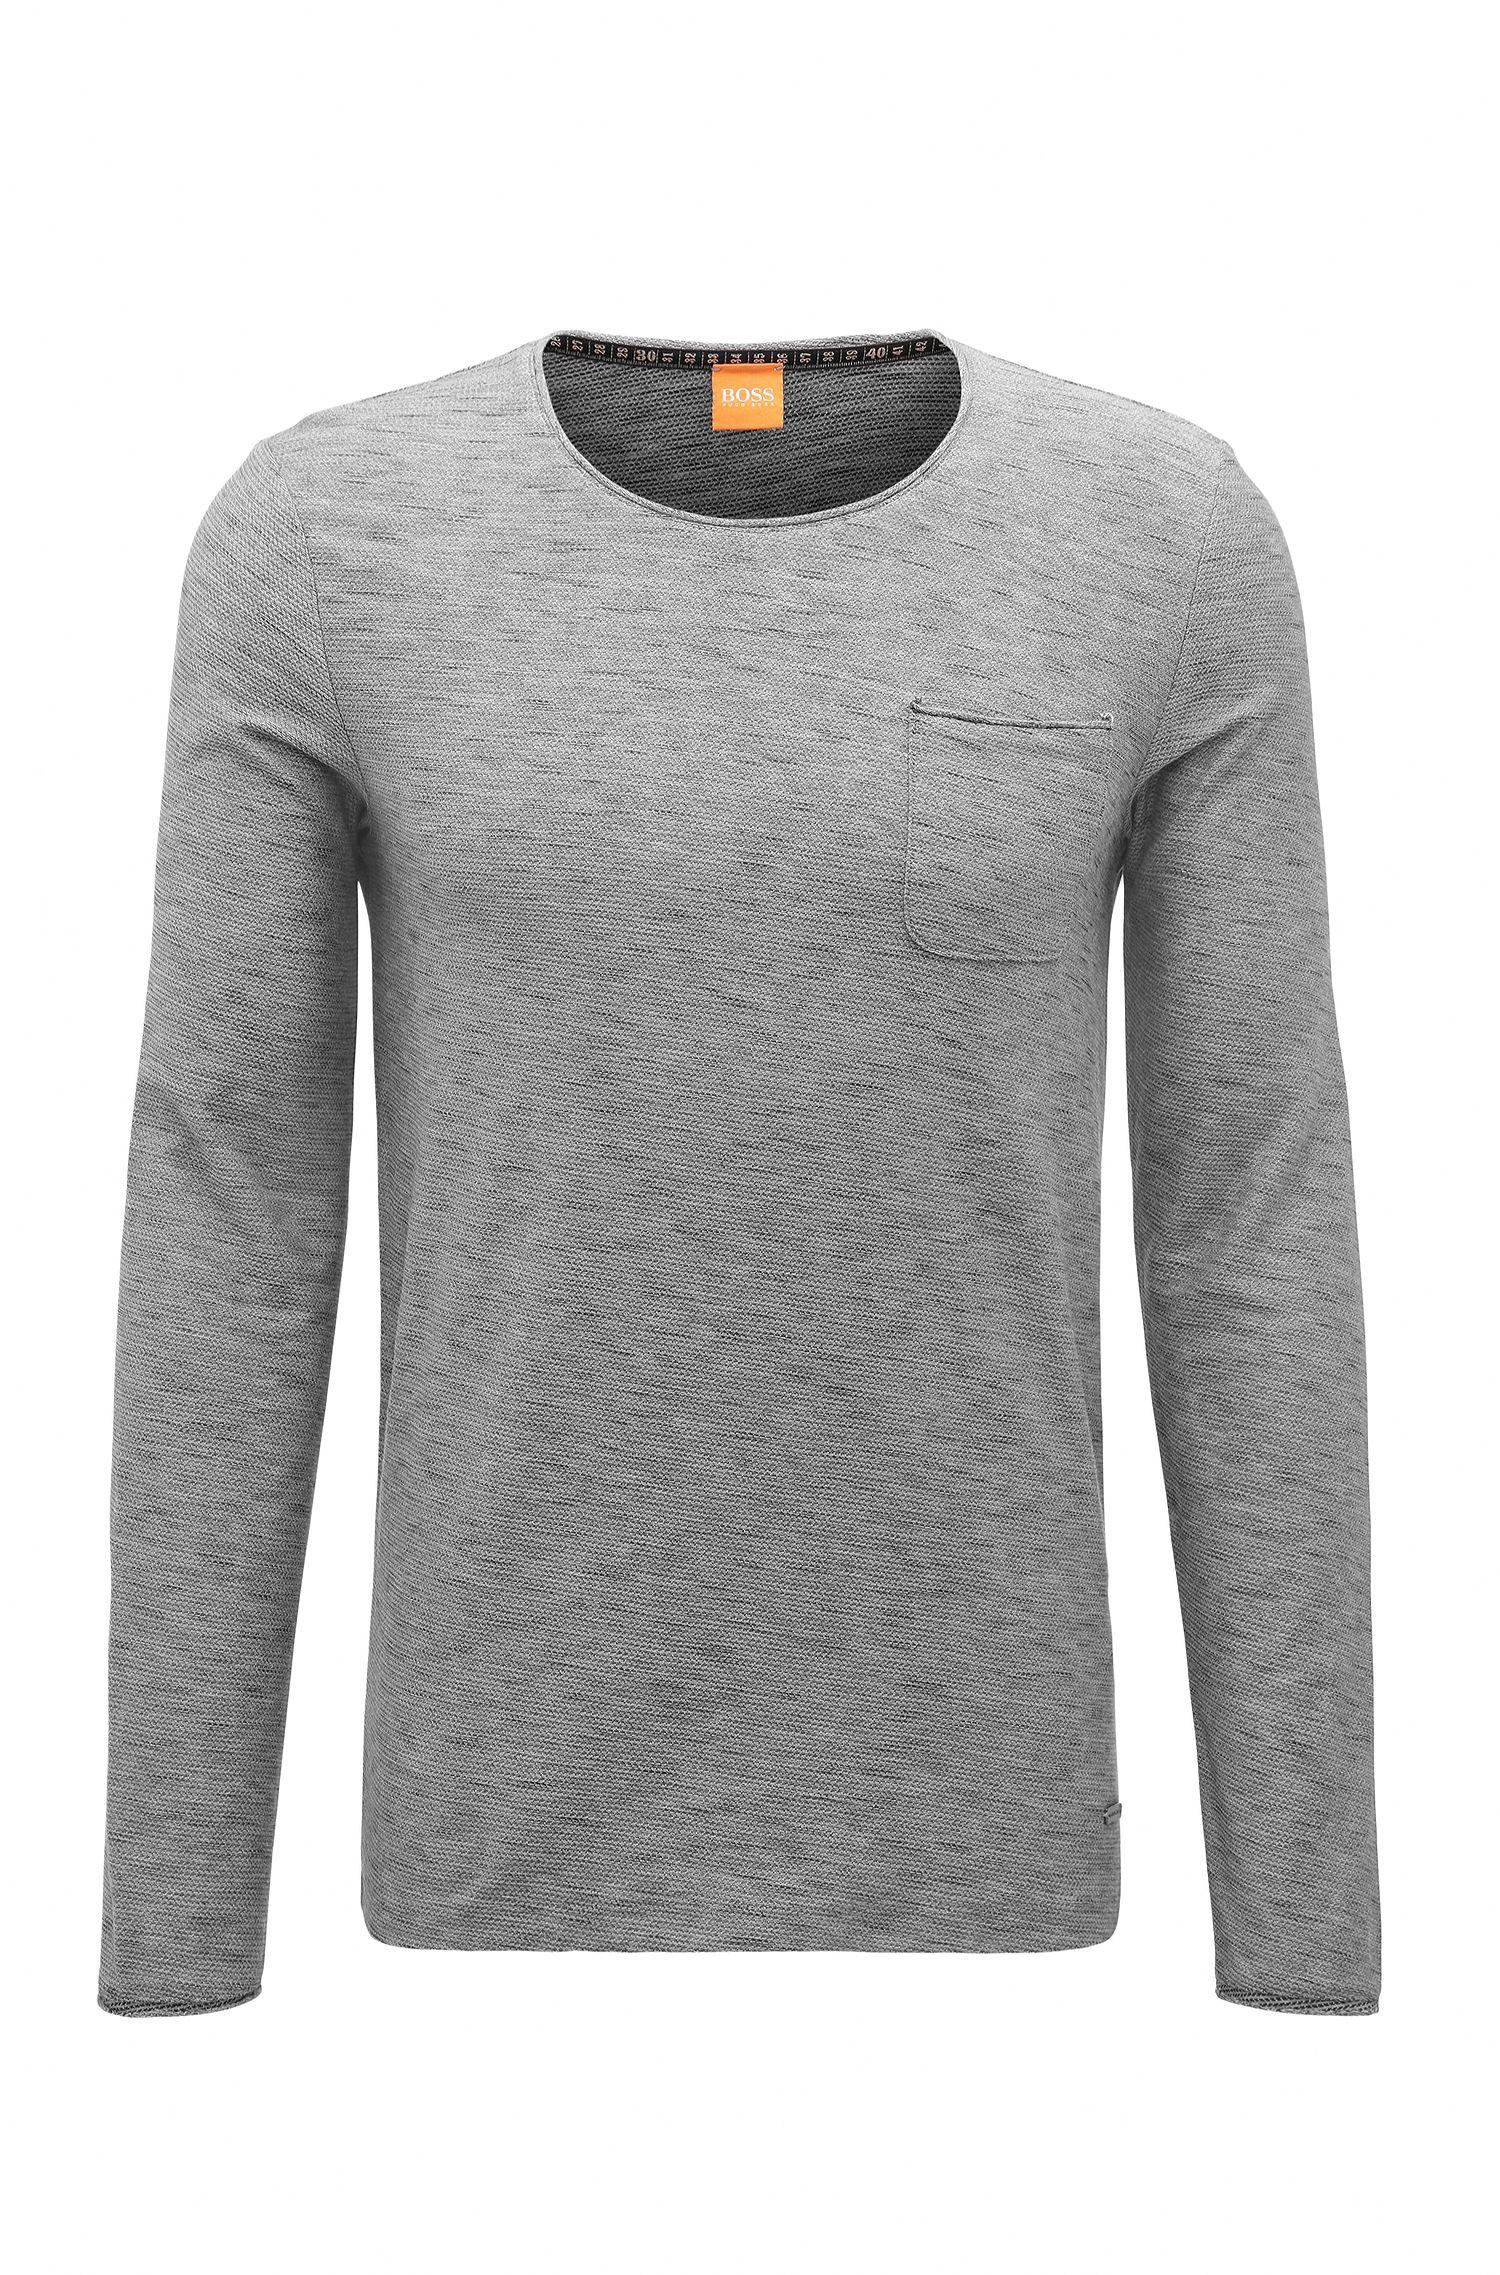 T-shirt regular fit in cotone a maniche lunghe con dettagli a taglio vivo